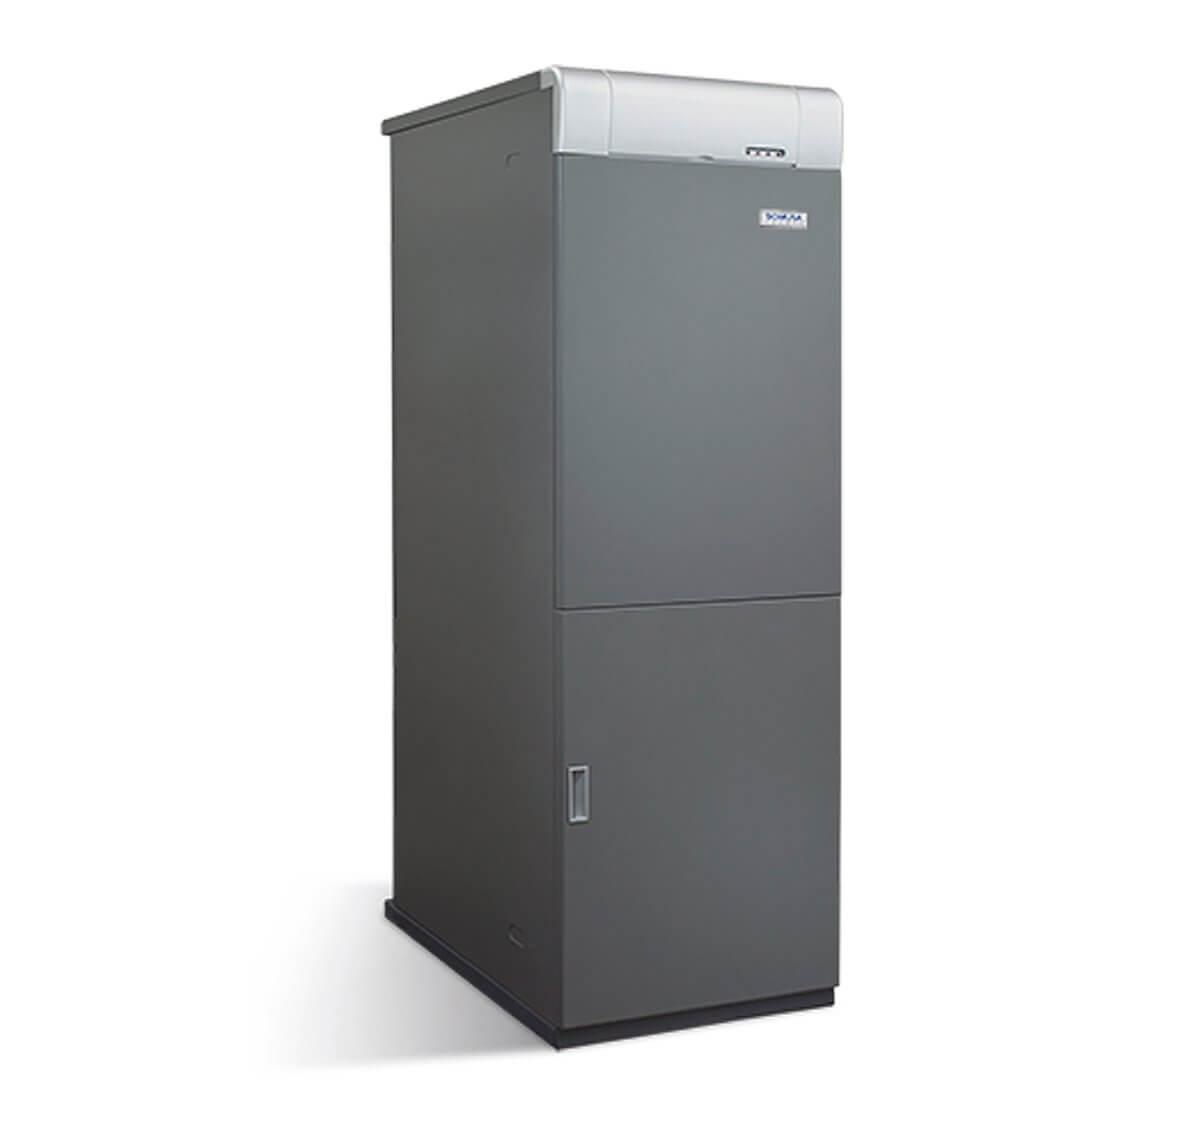 Caldera de Gasoil Domusa MCF 30 HDXV 100 LTS caseragua